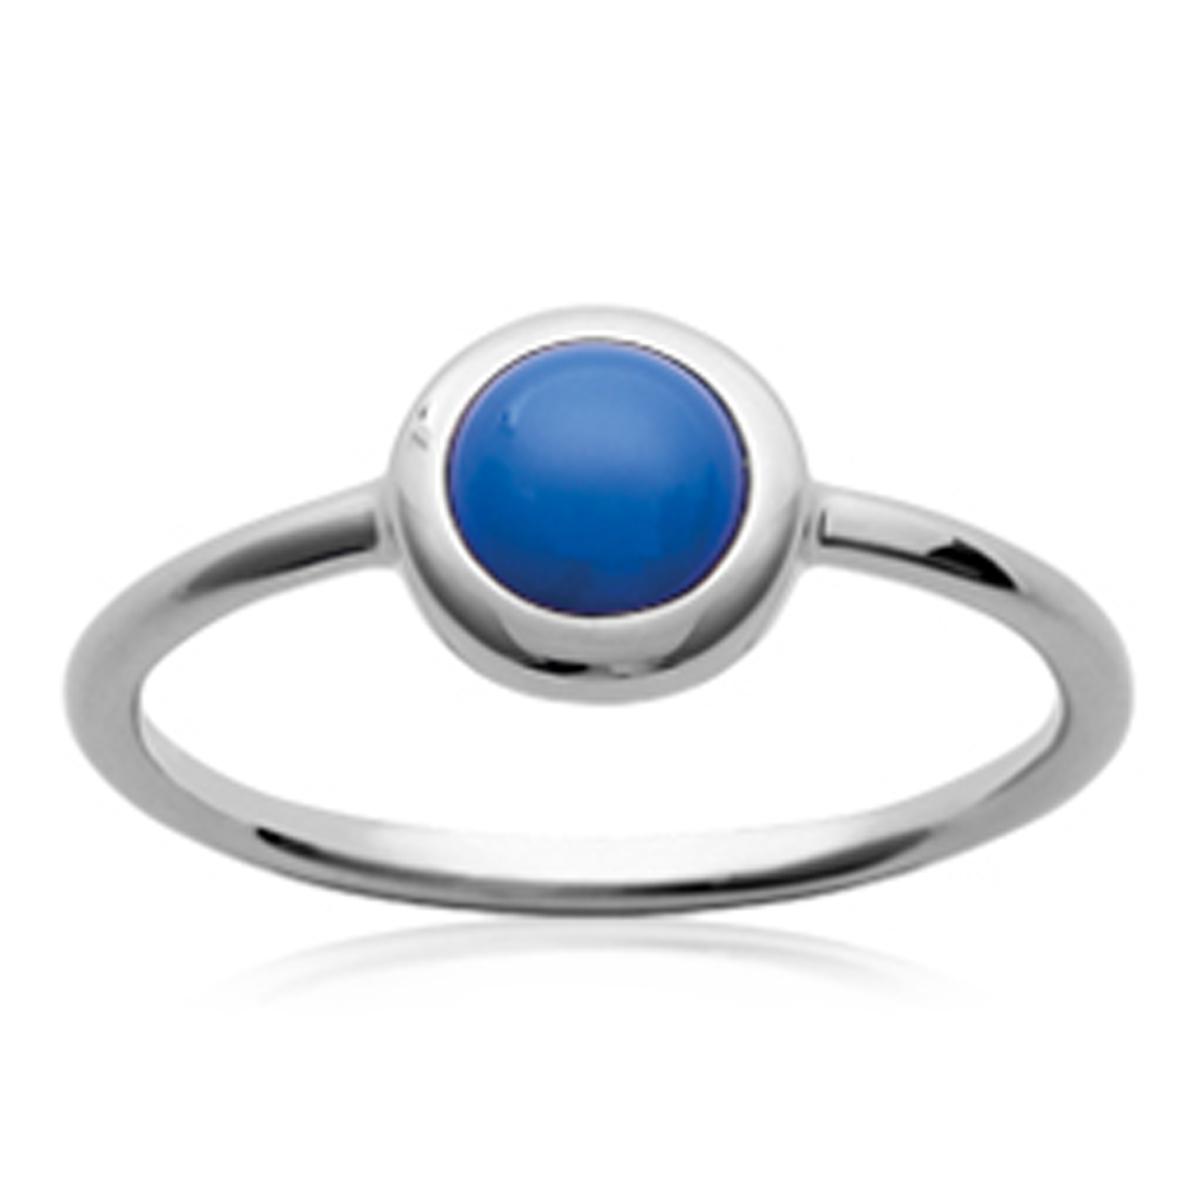 Bague argent \'Princesse Opale\' bleu argenté (rhodié) - 8 mm - [P0660]